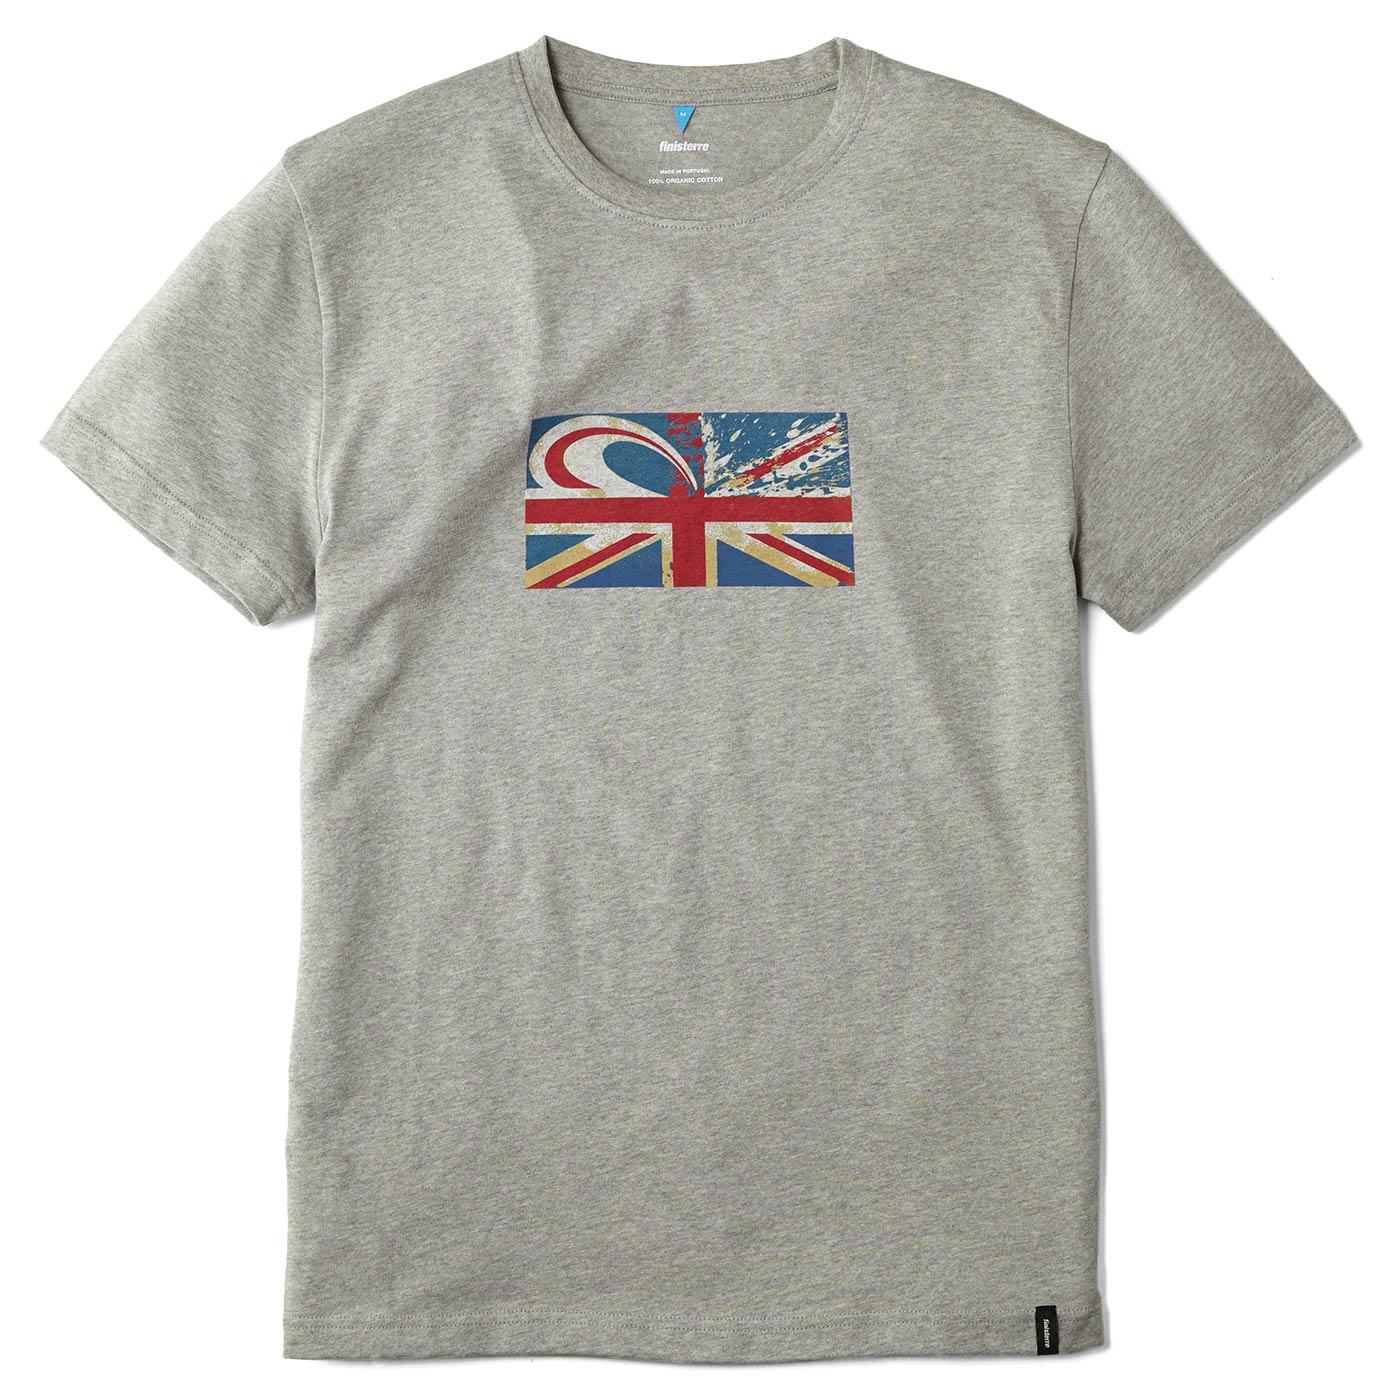 Union Jack wave logo on new surf museum shirts